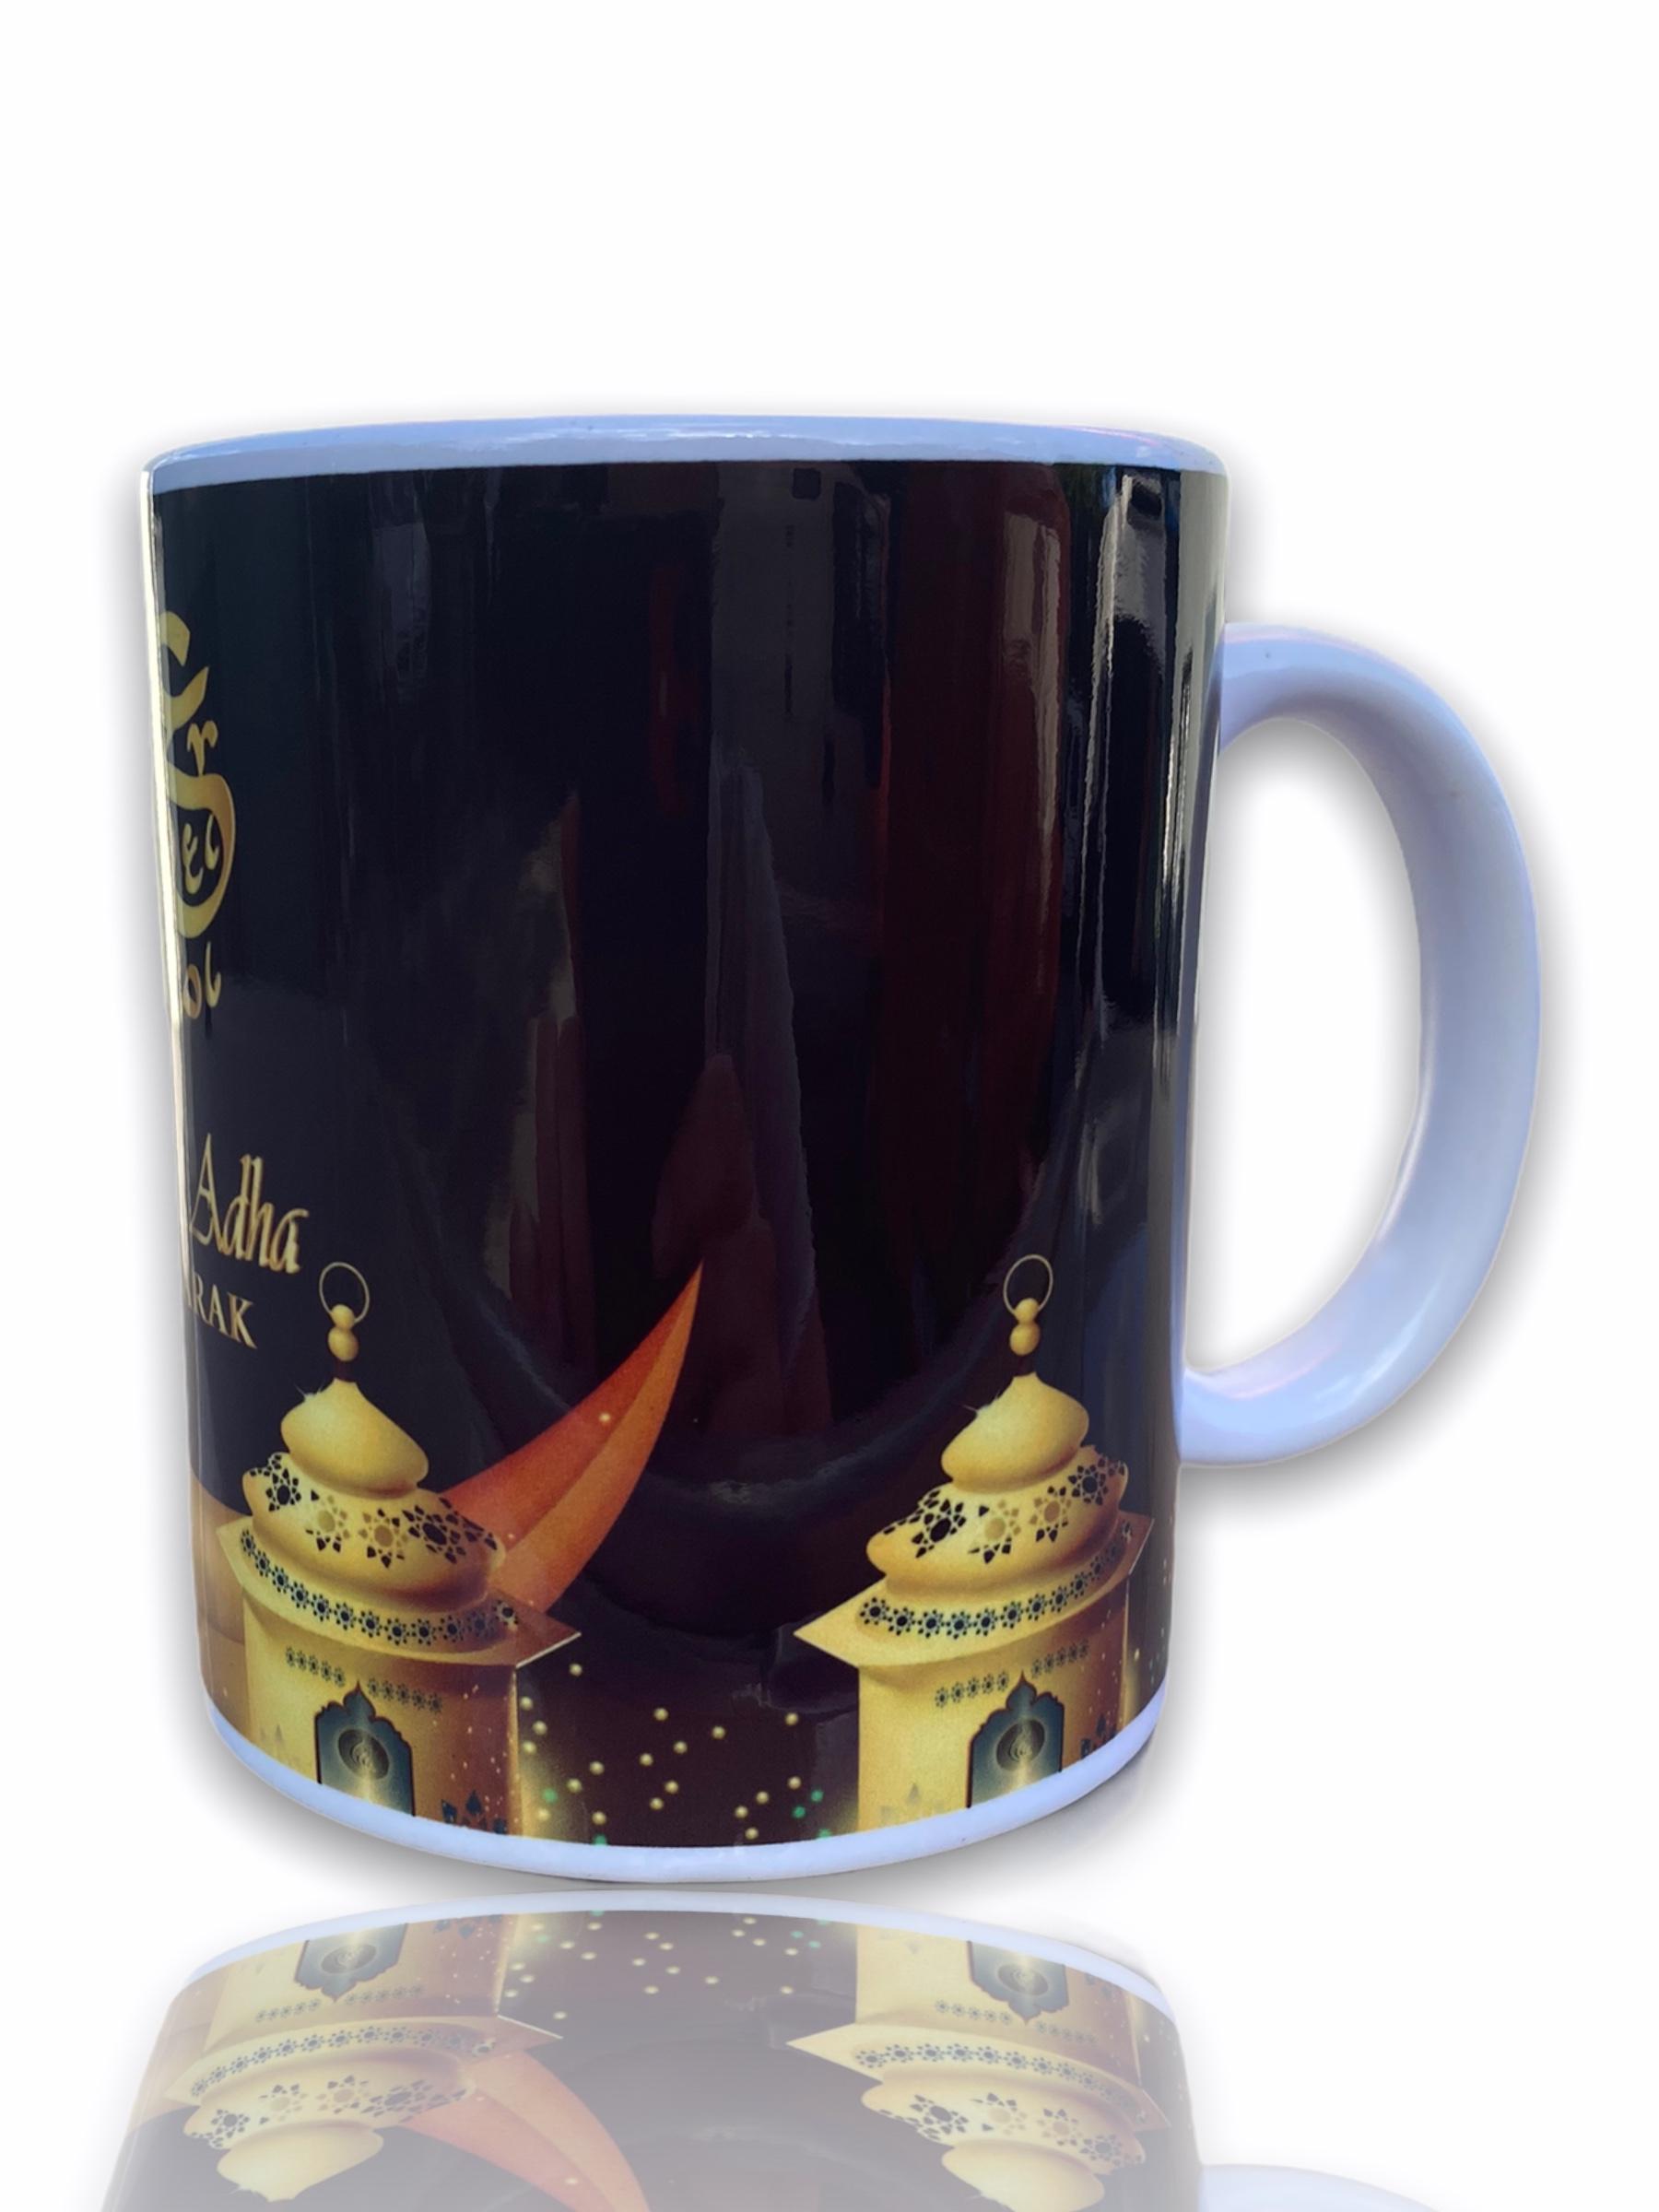 Mug Eid Al Adha Mubarak idéal pour offrir à l'occasion de l'aid du sacrifice du mouton. Mug de très bonne qualité passer au lave vaisselle